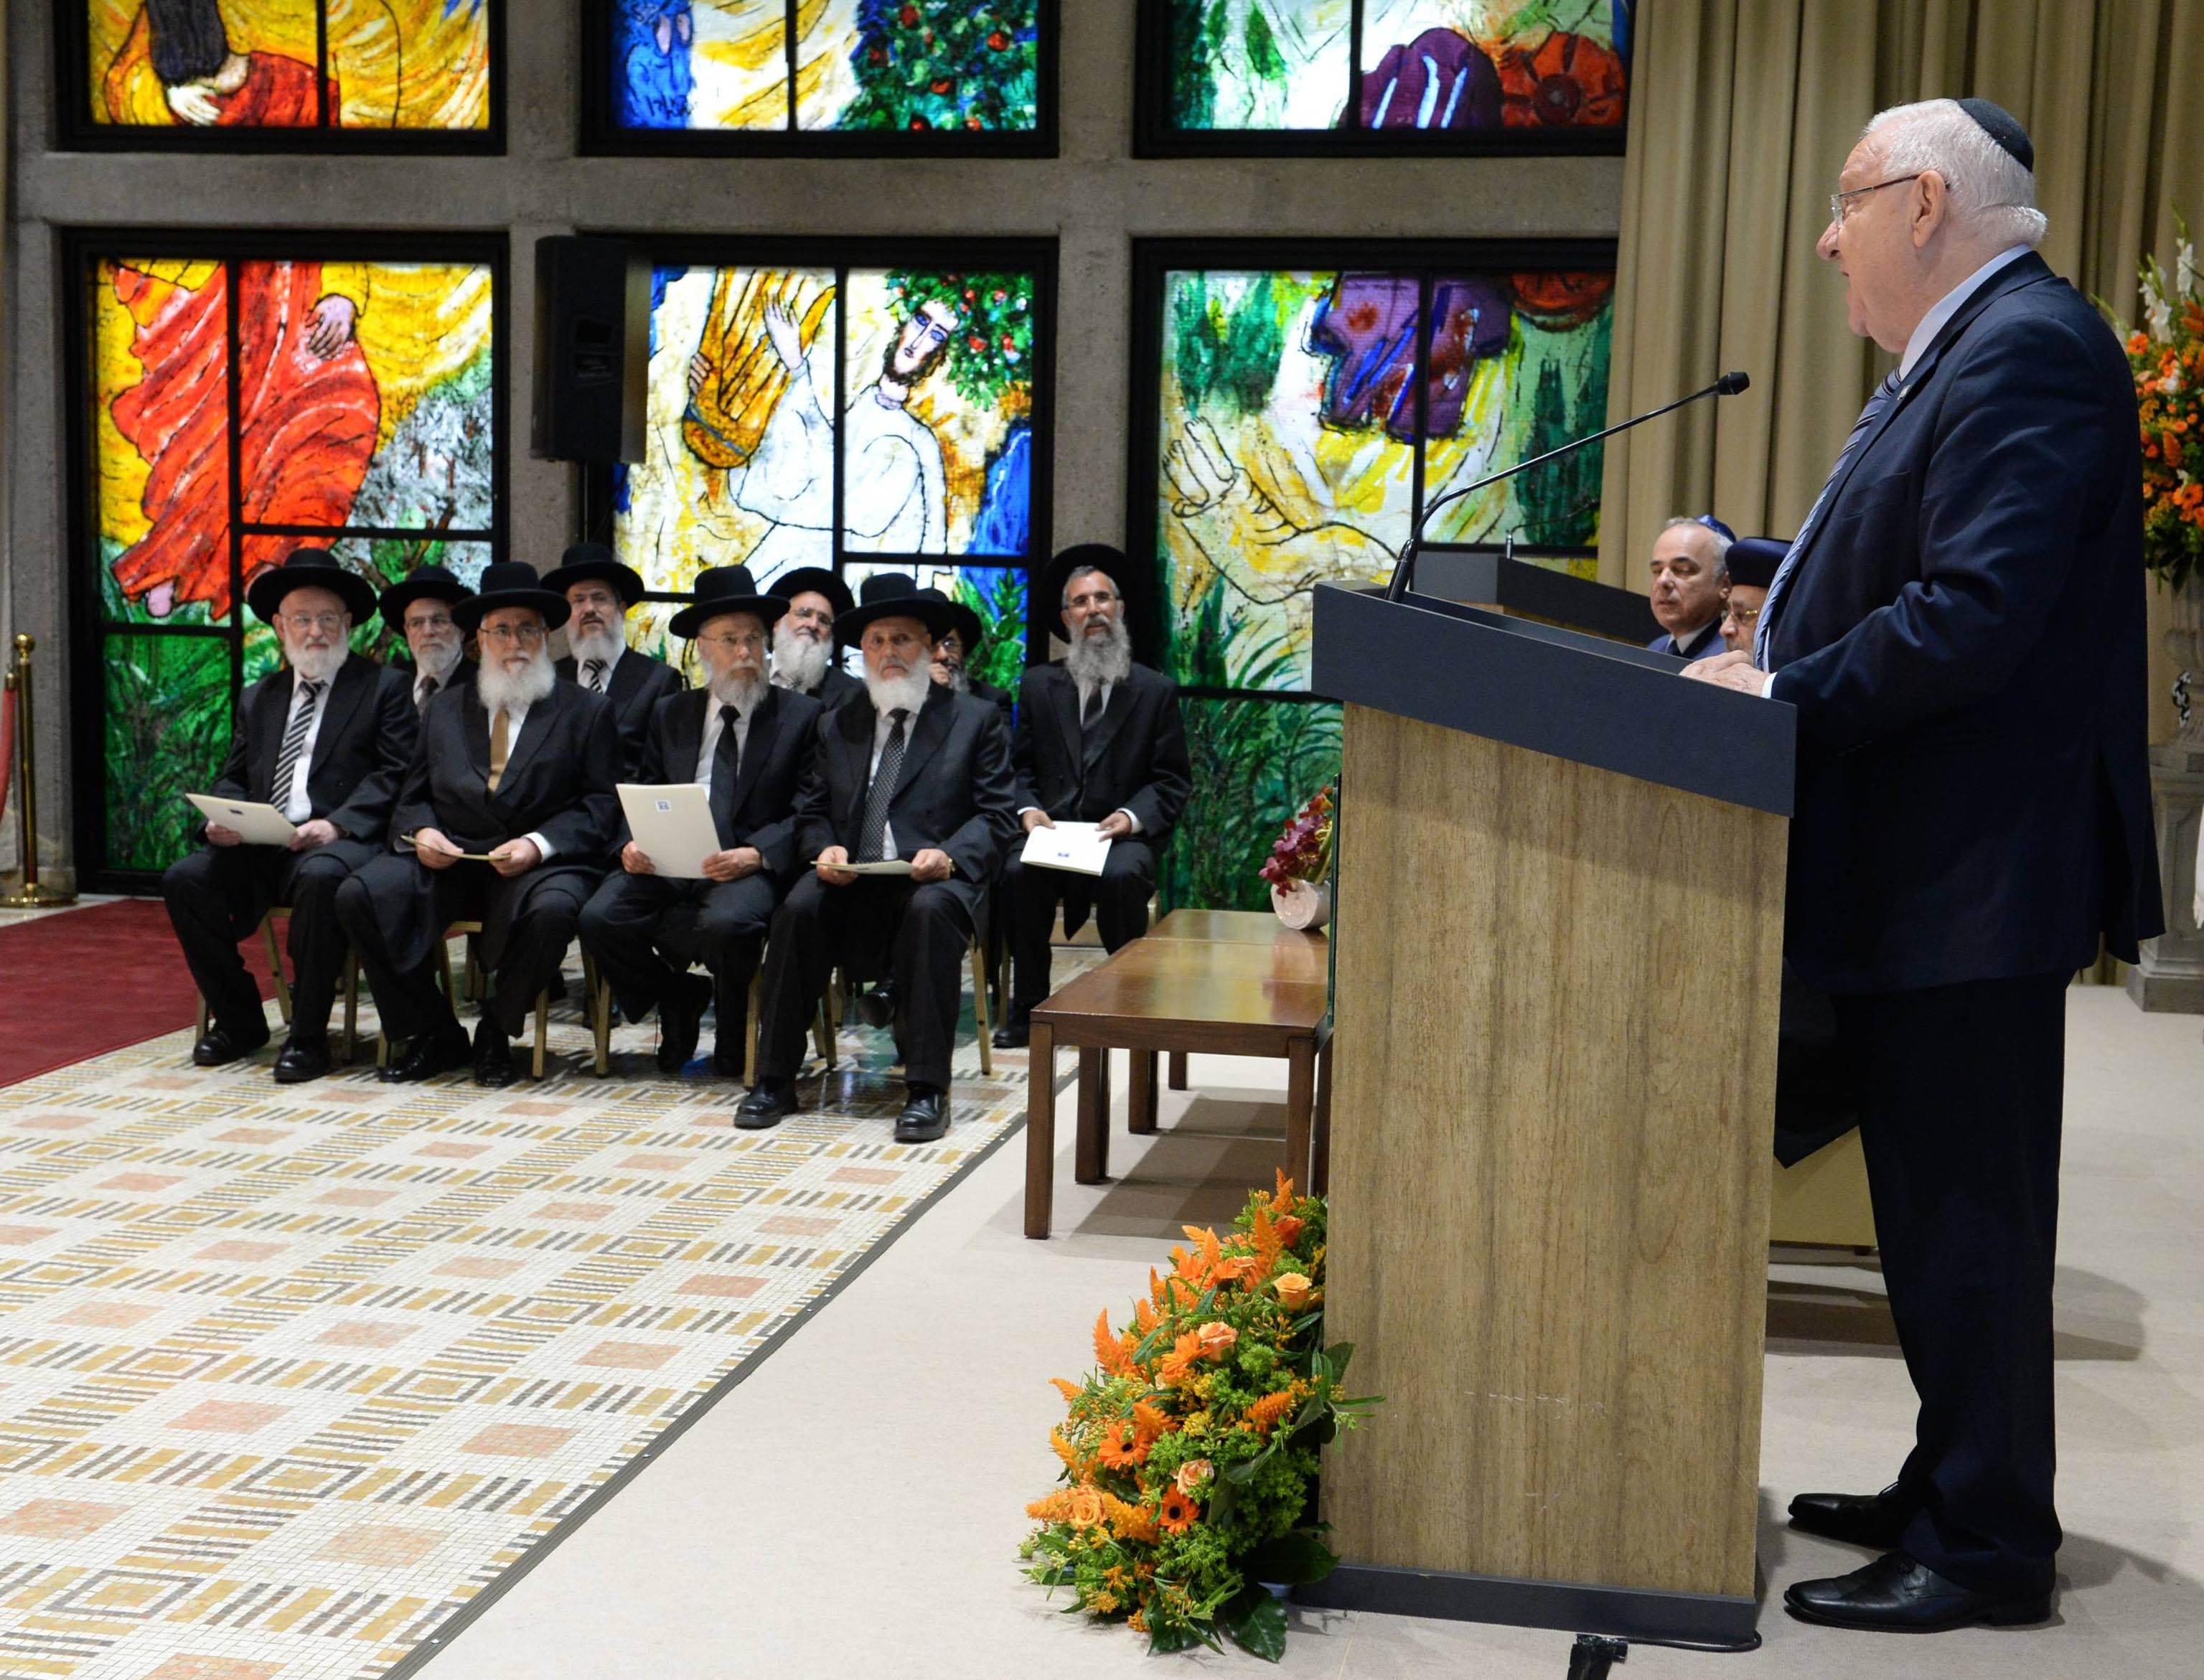 """""""סימן ברכה ליהדות ישראל כולה"""". בתמונה: ריבלין נואם בפני הדיינים  צילום: מארק ניימן, לע""""מ"""